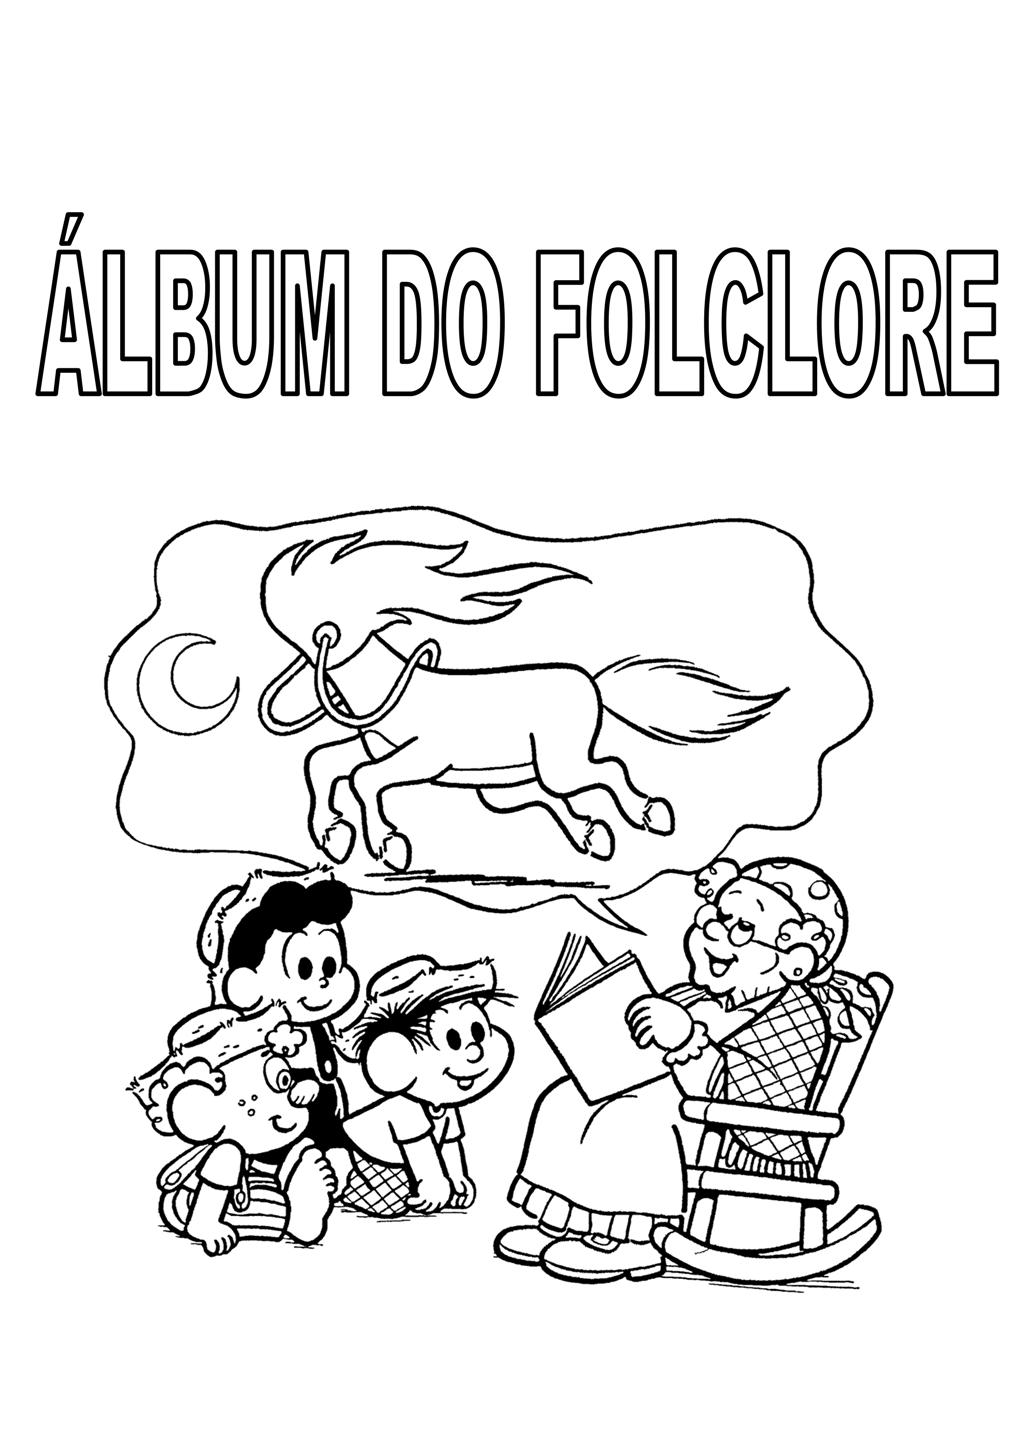 Acabei De Fazer Esse álbum  Espero Que Gostem  Capa Página 1